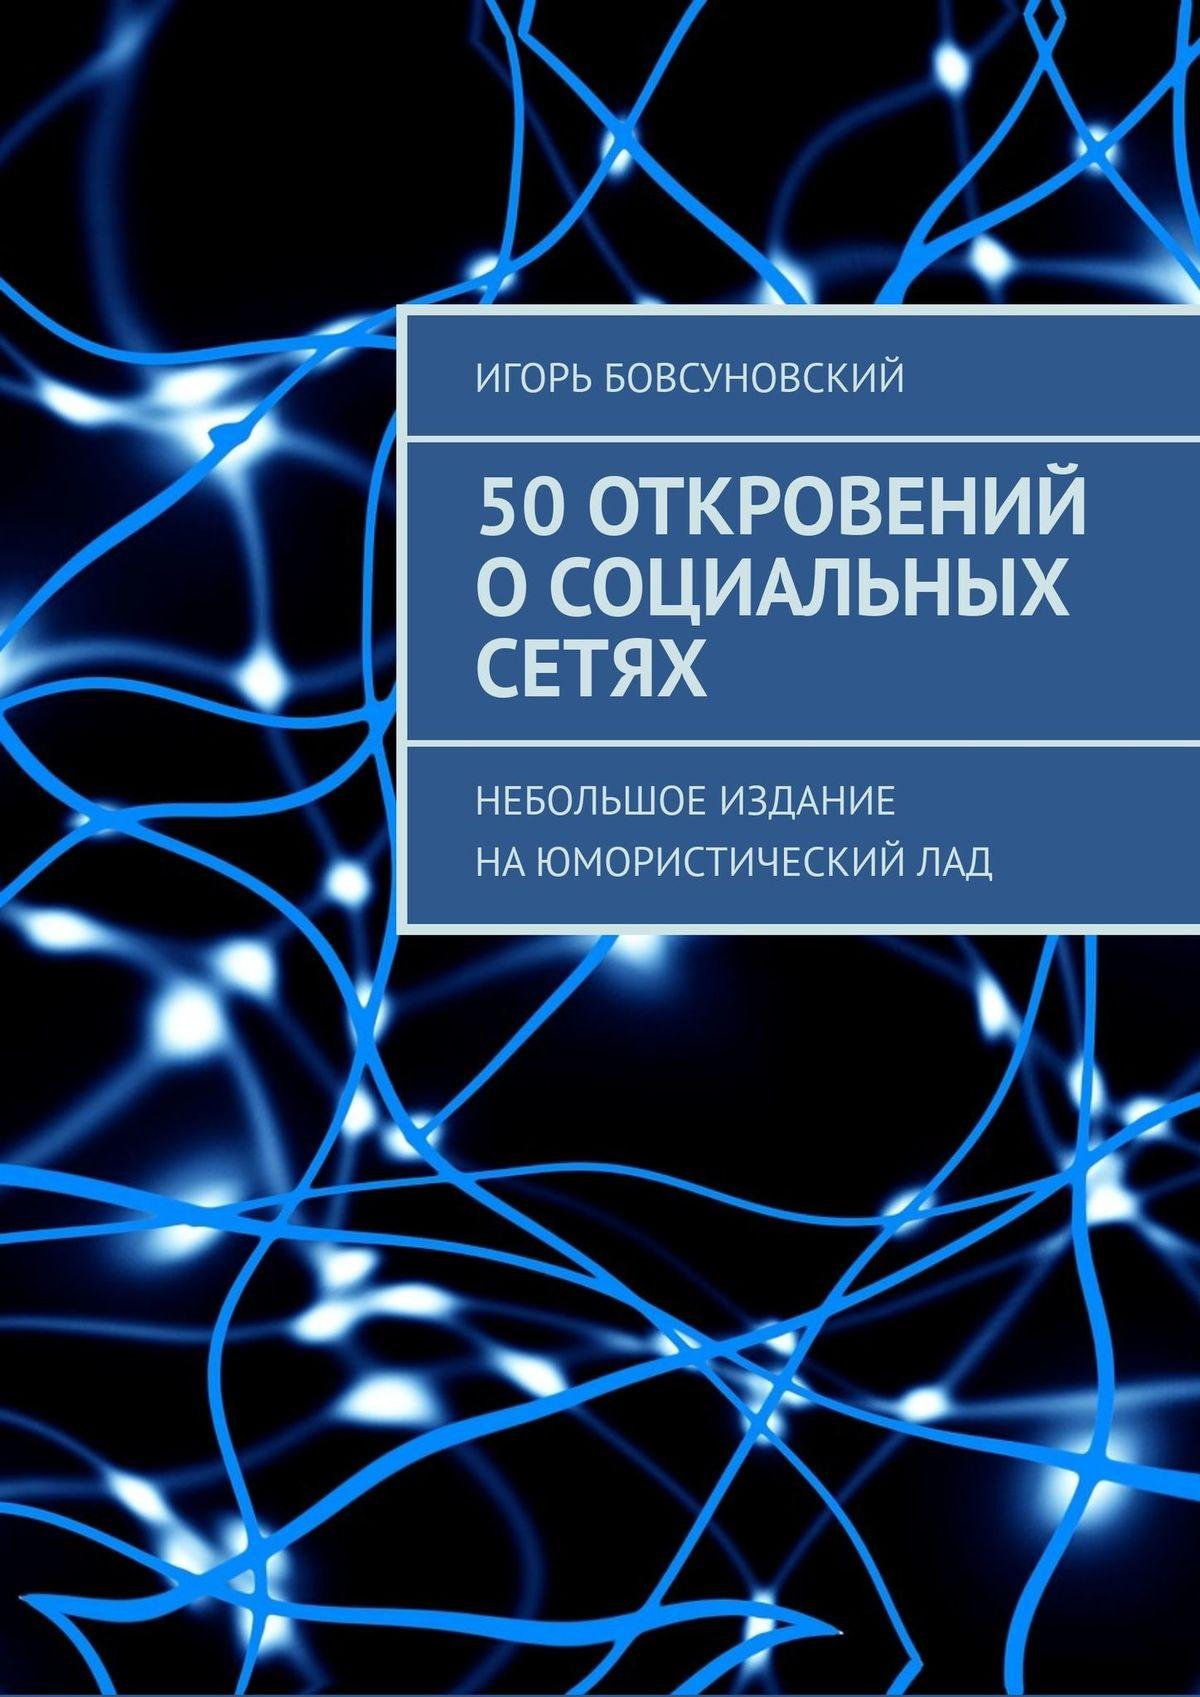 Купить книгу 50откровений осоциальных сетях. Небольшое издание наюмористическийлад, автора Игоря Бовсуновского